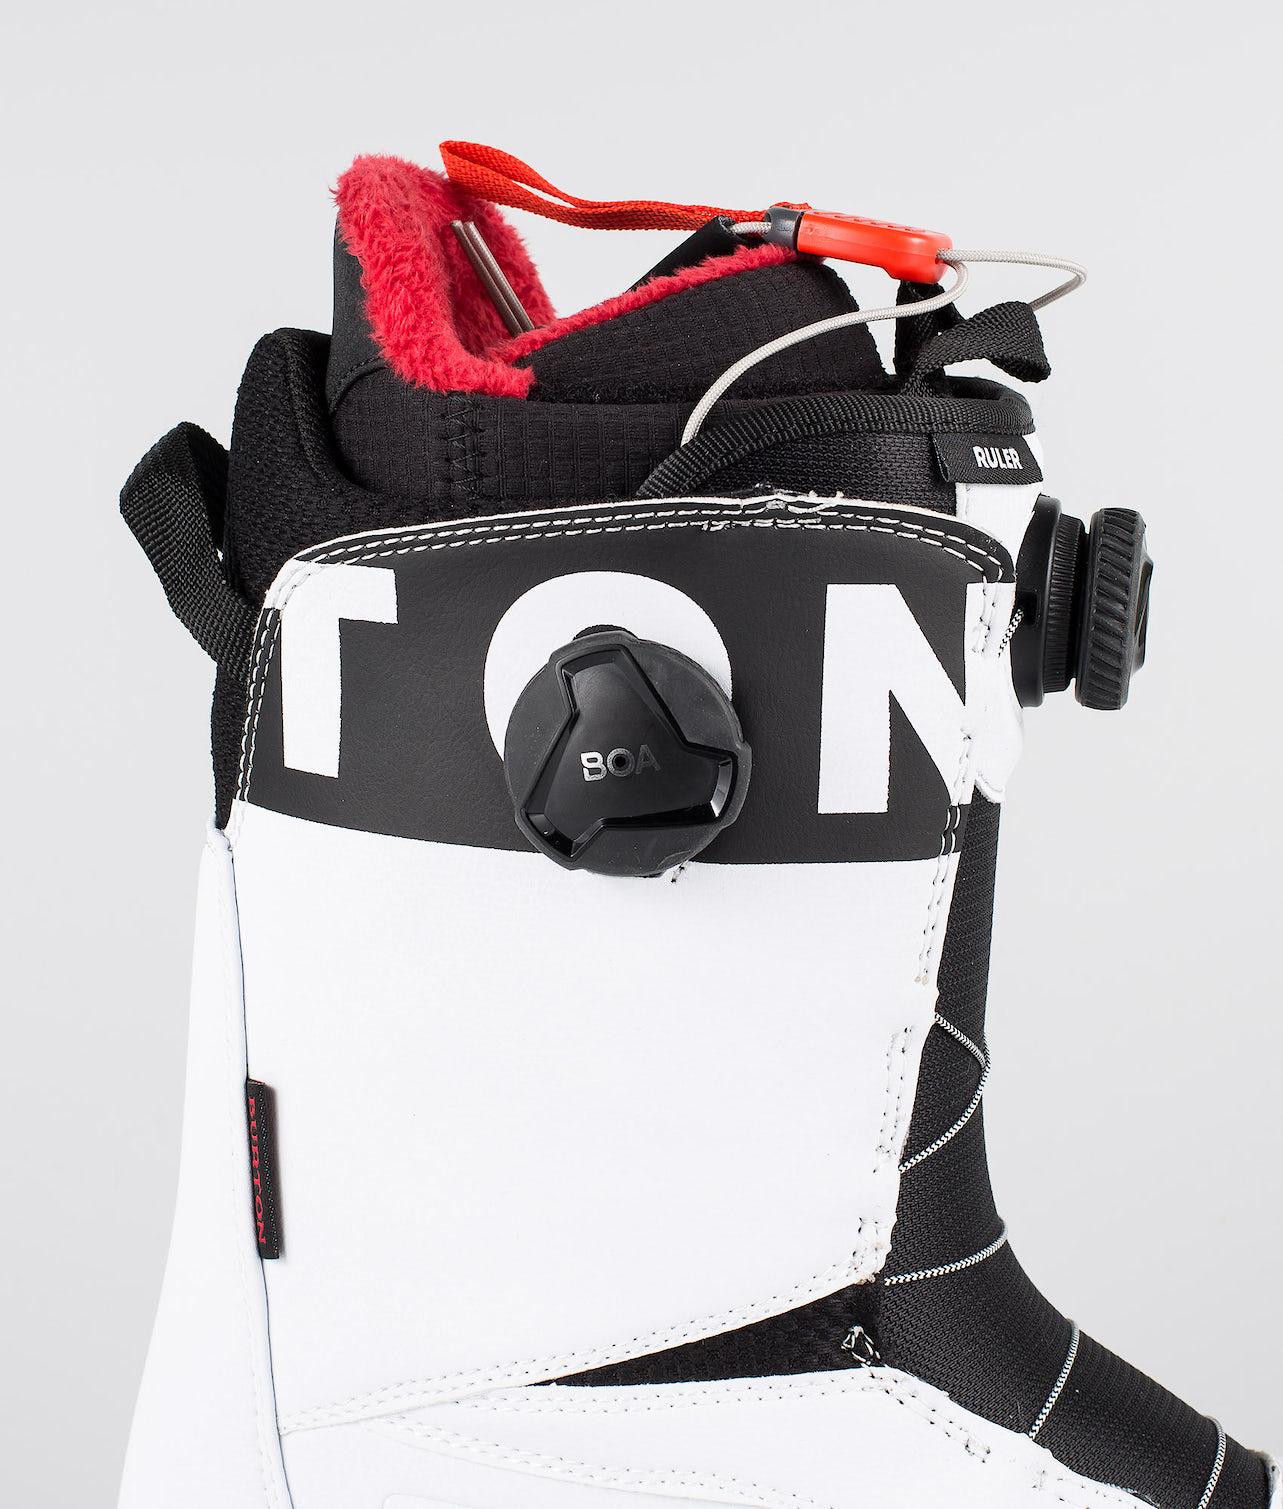 Kjøp Ruler Boa Boots fra Burton på Ridestore.no - Hos oss har du alltid fri frakt, fri retur og 30 dagers åpent kjøp!